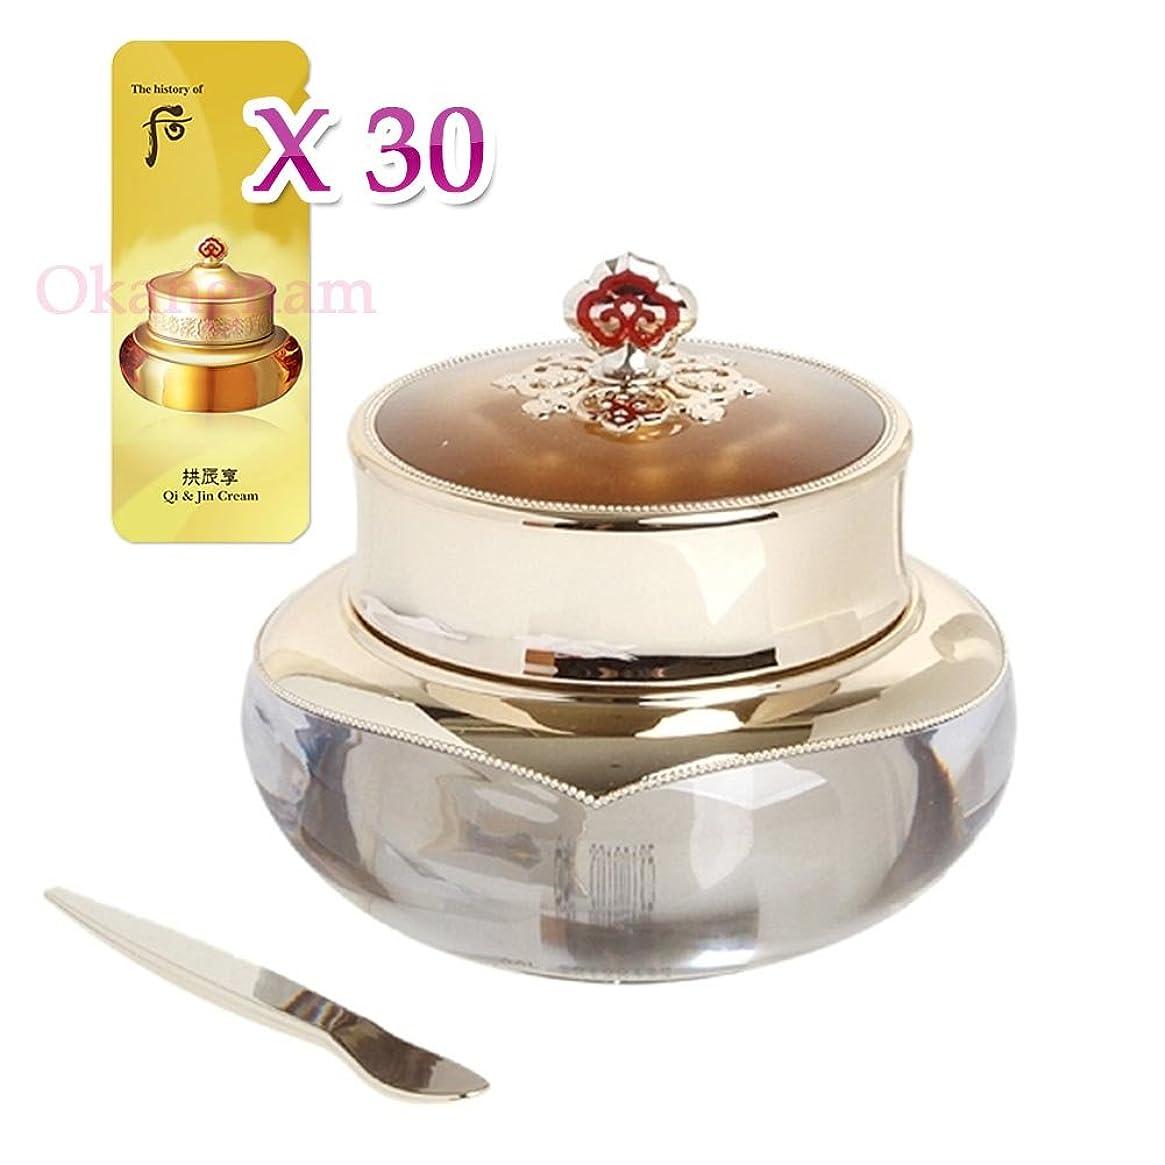 ブランデーラブ聖なる【フー/ The history of whoo] Whoo 后 CK05 Hwahyun Cream / 后(フー) 天気丹(チョンギダン) ファヒョンクリーム 60ml + [Sample Gift](海外直送品)